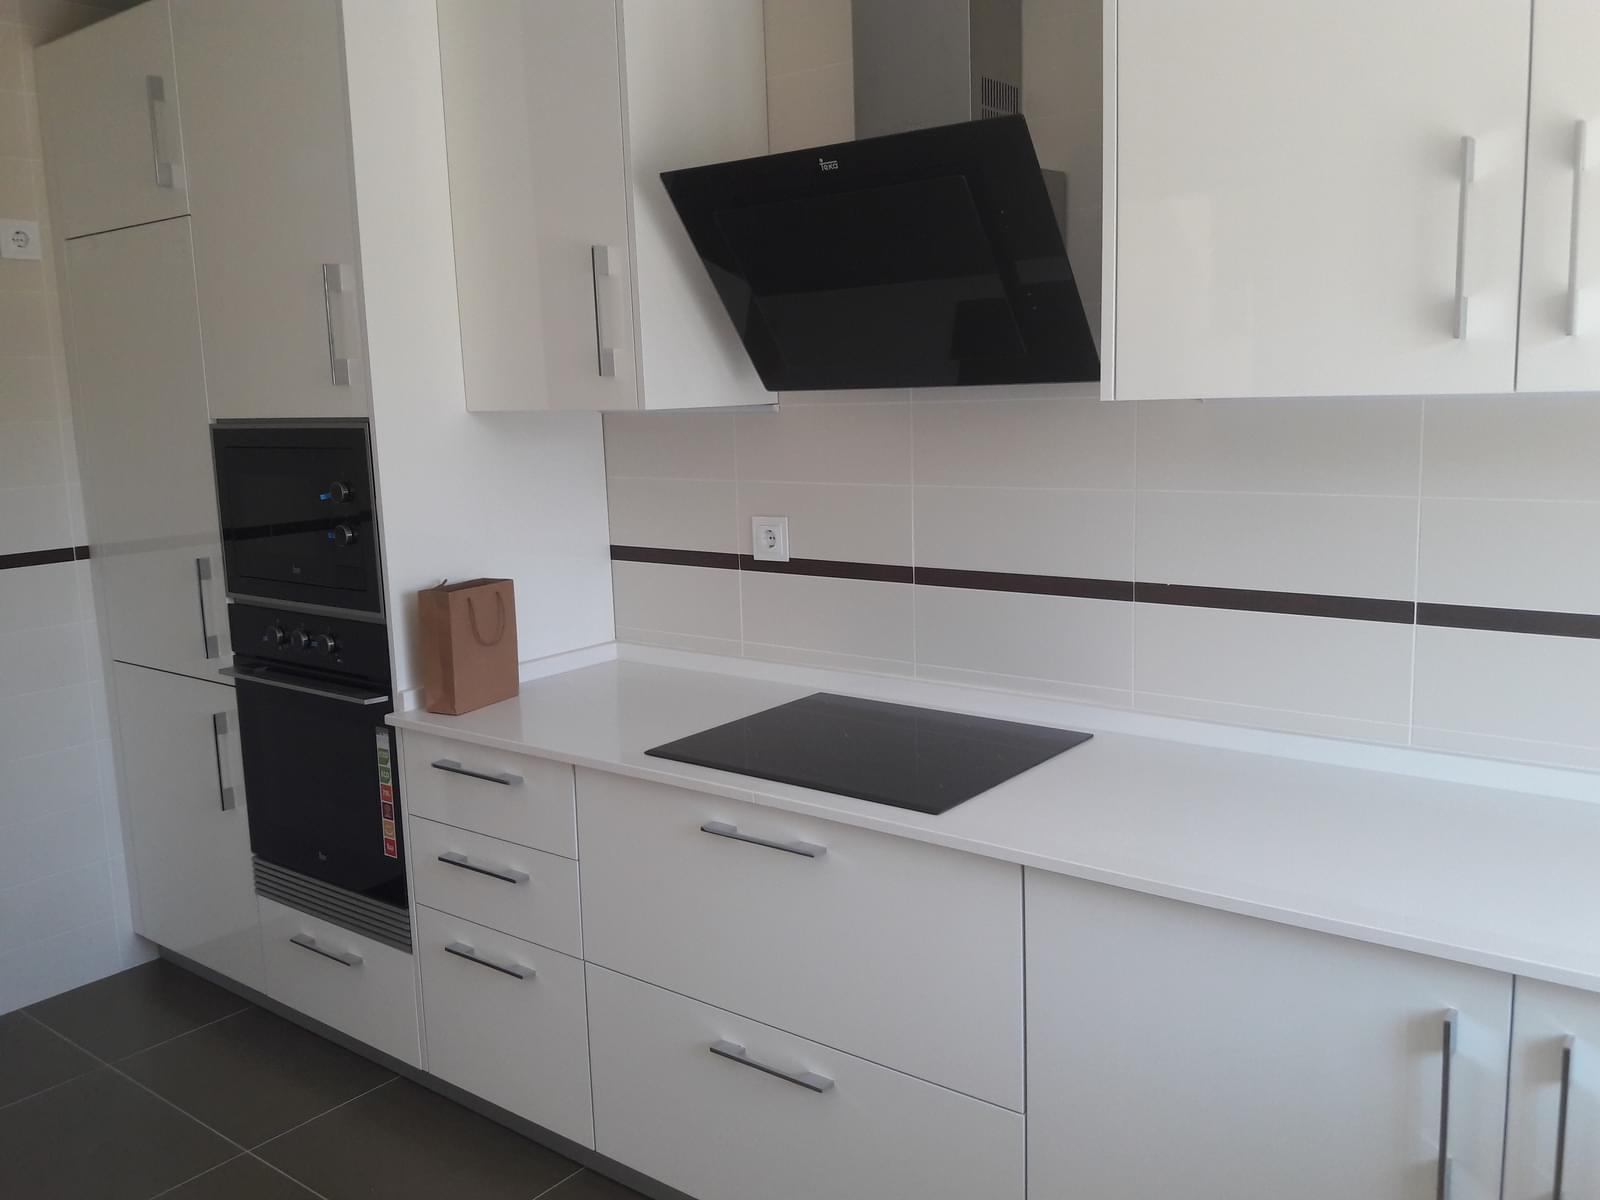 pf18025-apartamento-t3-590cc9a2-96c0-4165-ab67-0b7a5e7206c4